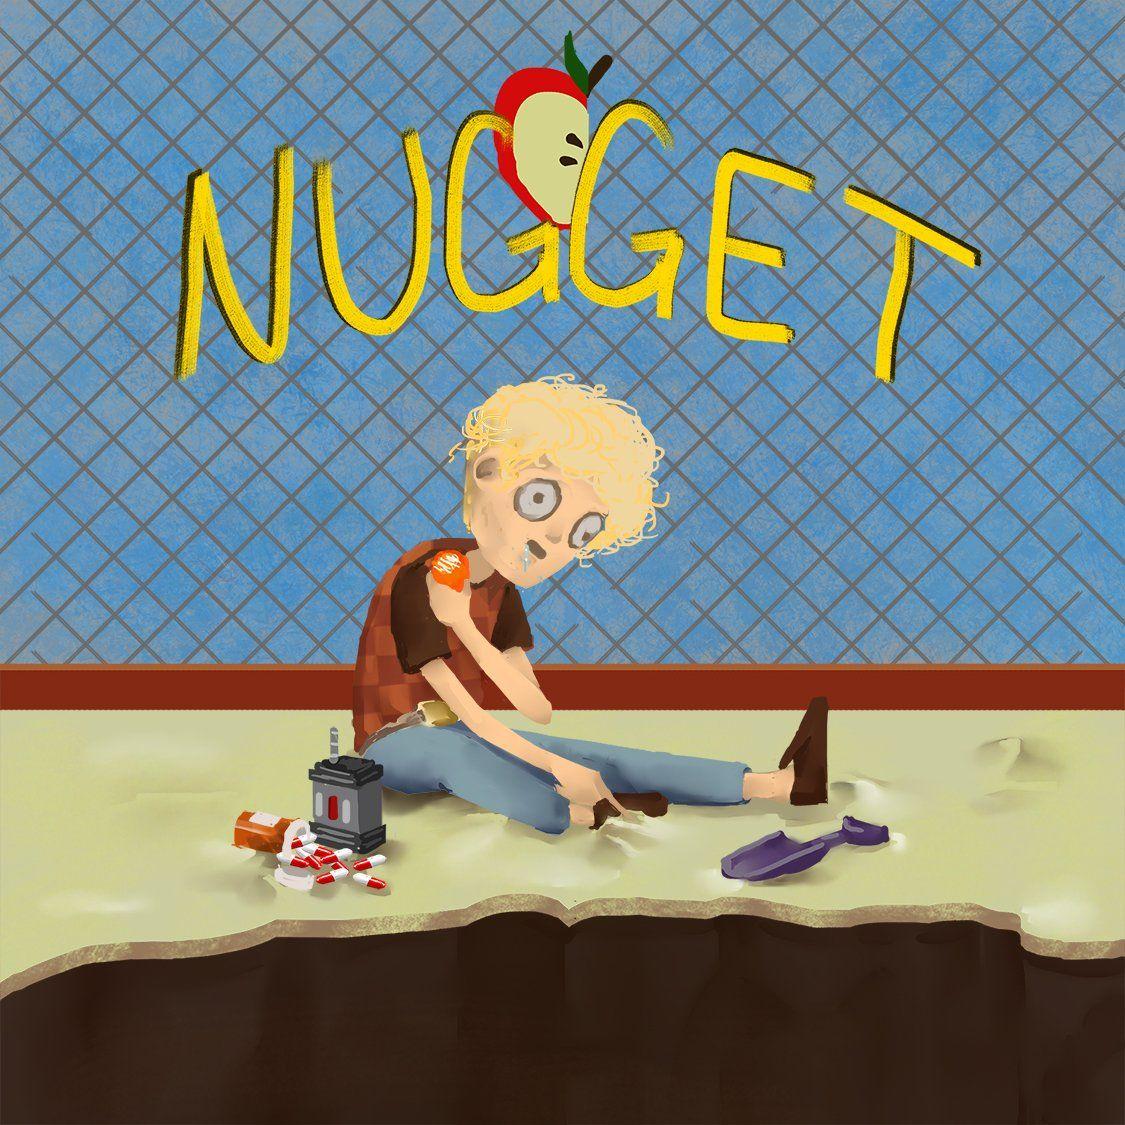 Nugget Kindergarten games, Kindergarten art, Kindergarten